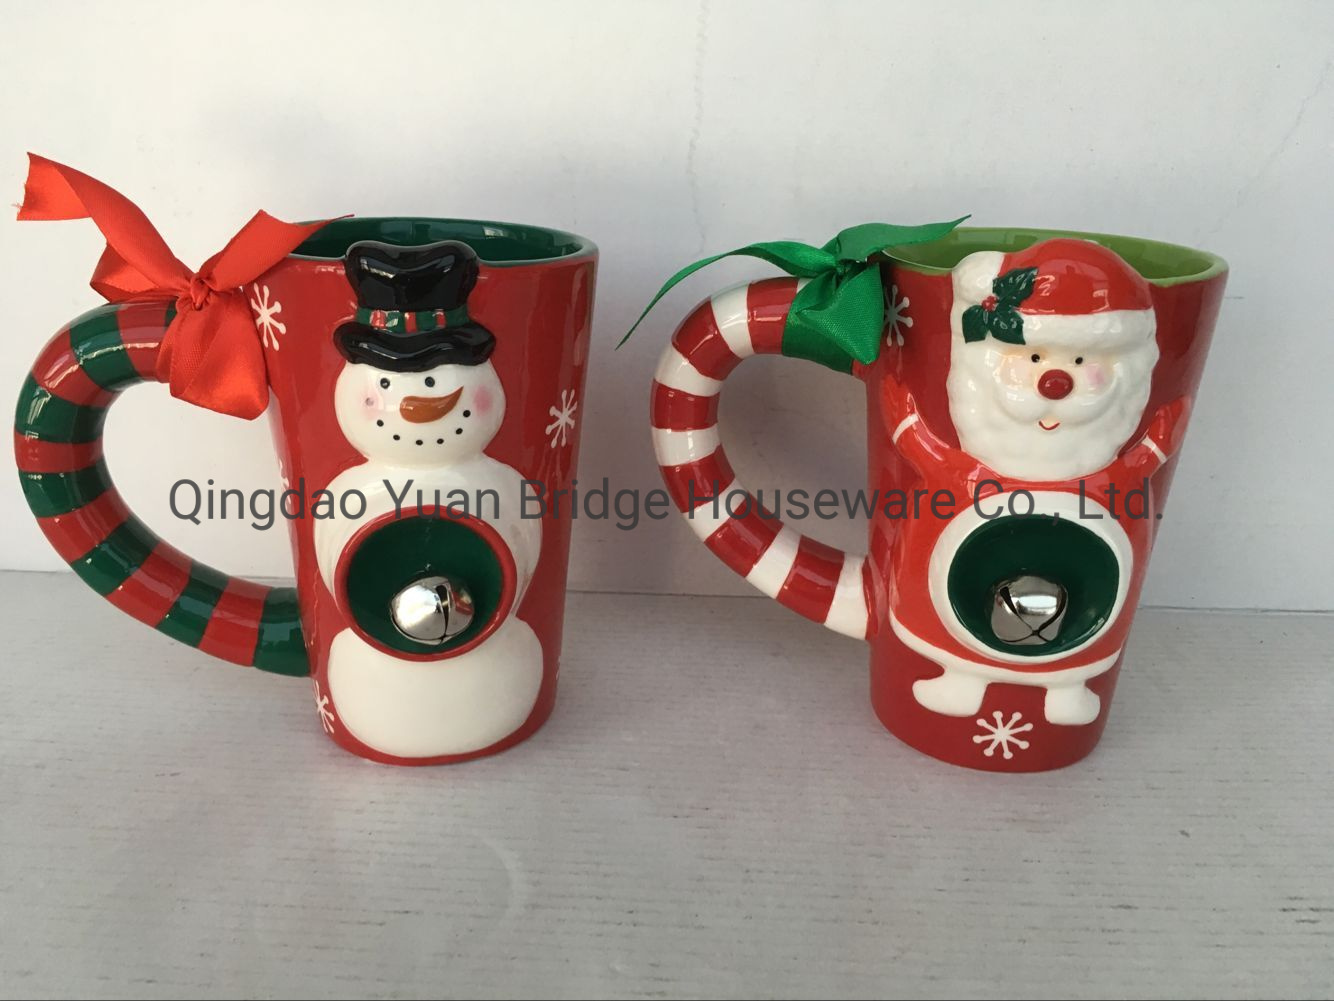 China Christmas Santa Snowman Sculpture Mug Drawing Color With Bell And Ribbon Decor China Mug And Cookware Price